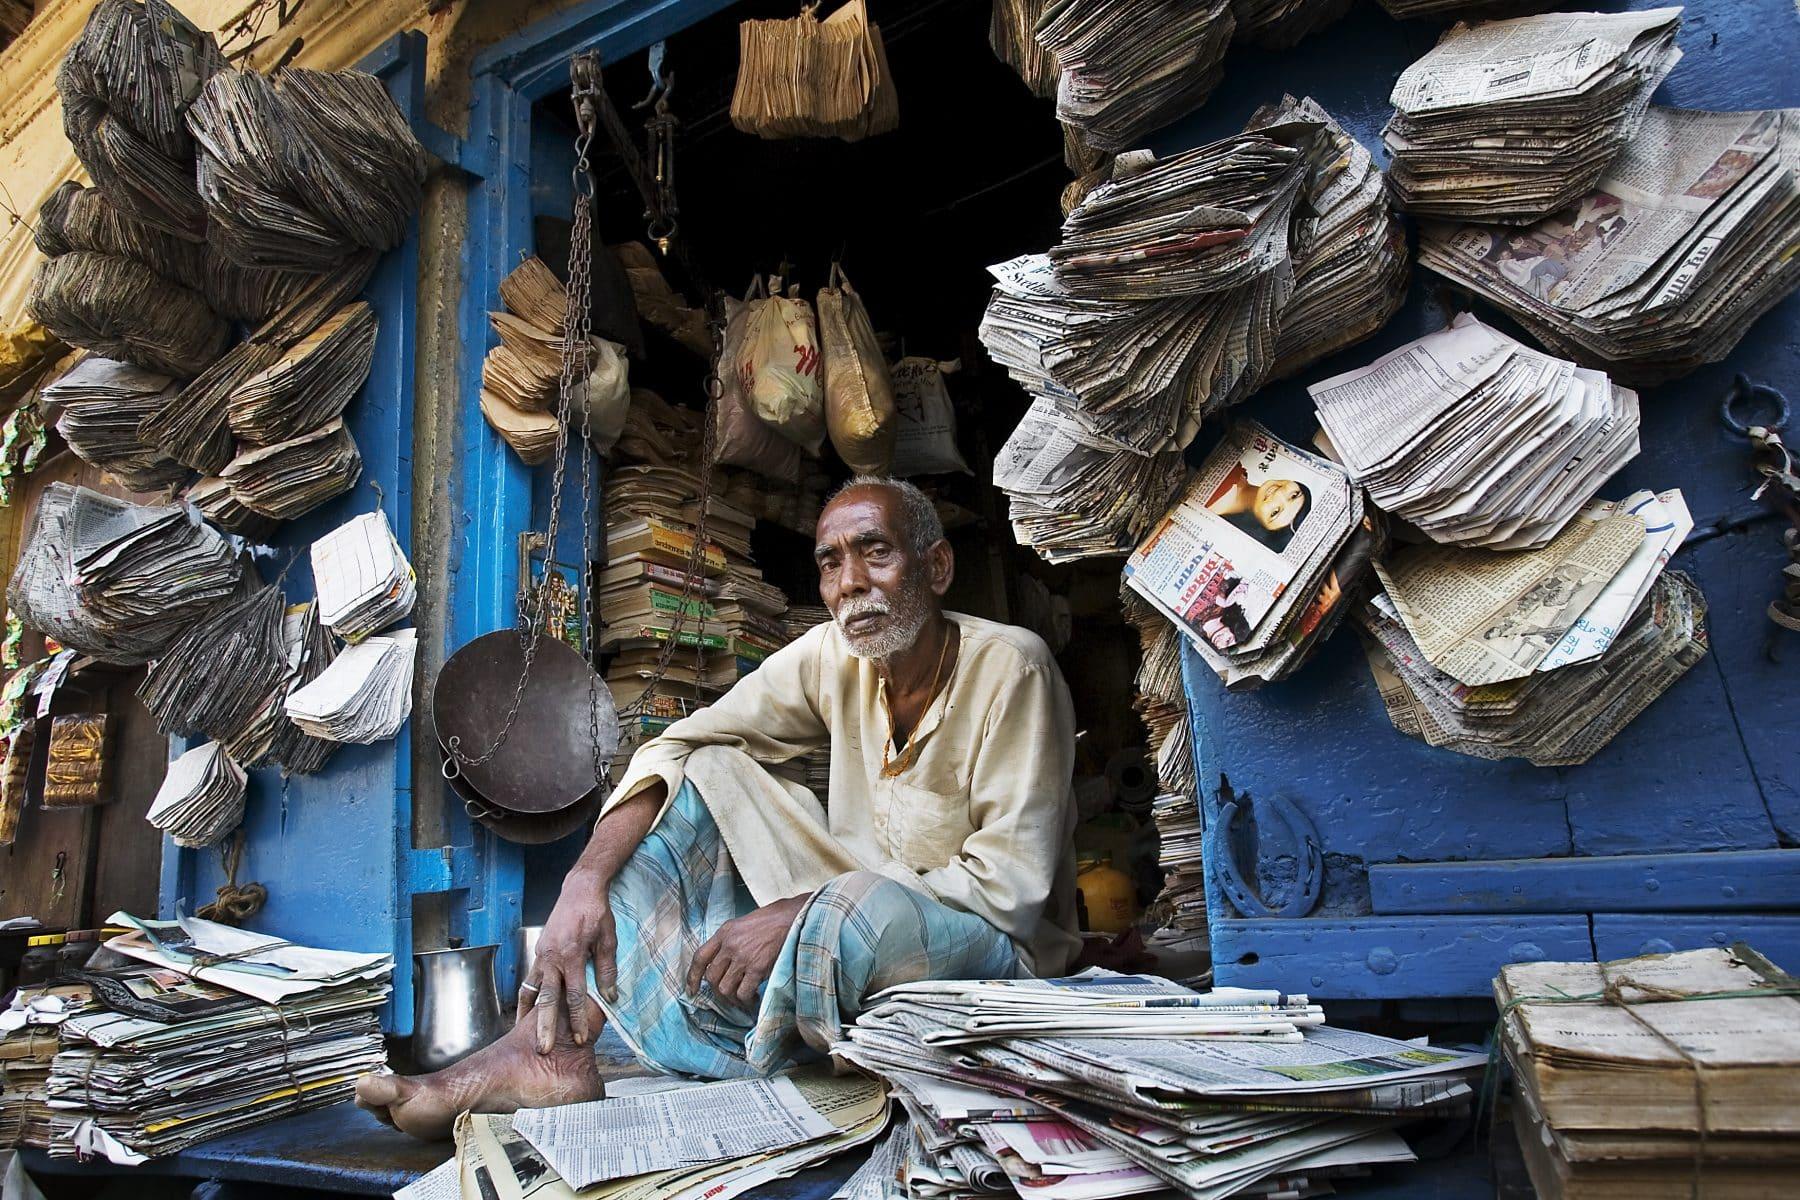 चन्द लिफ़ाफ़े काग़ज़ के - newspaper seller